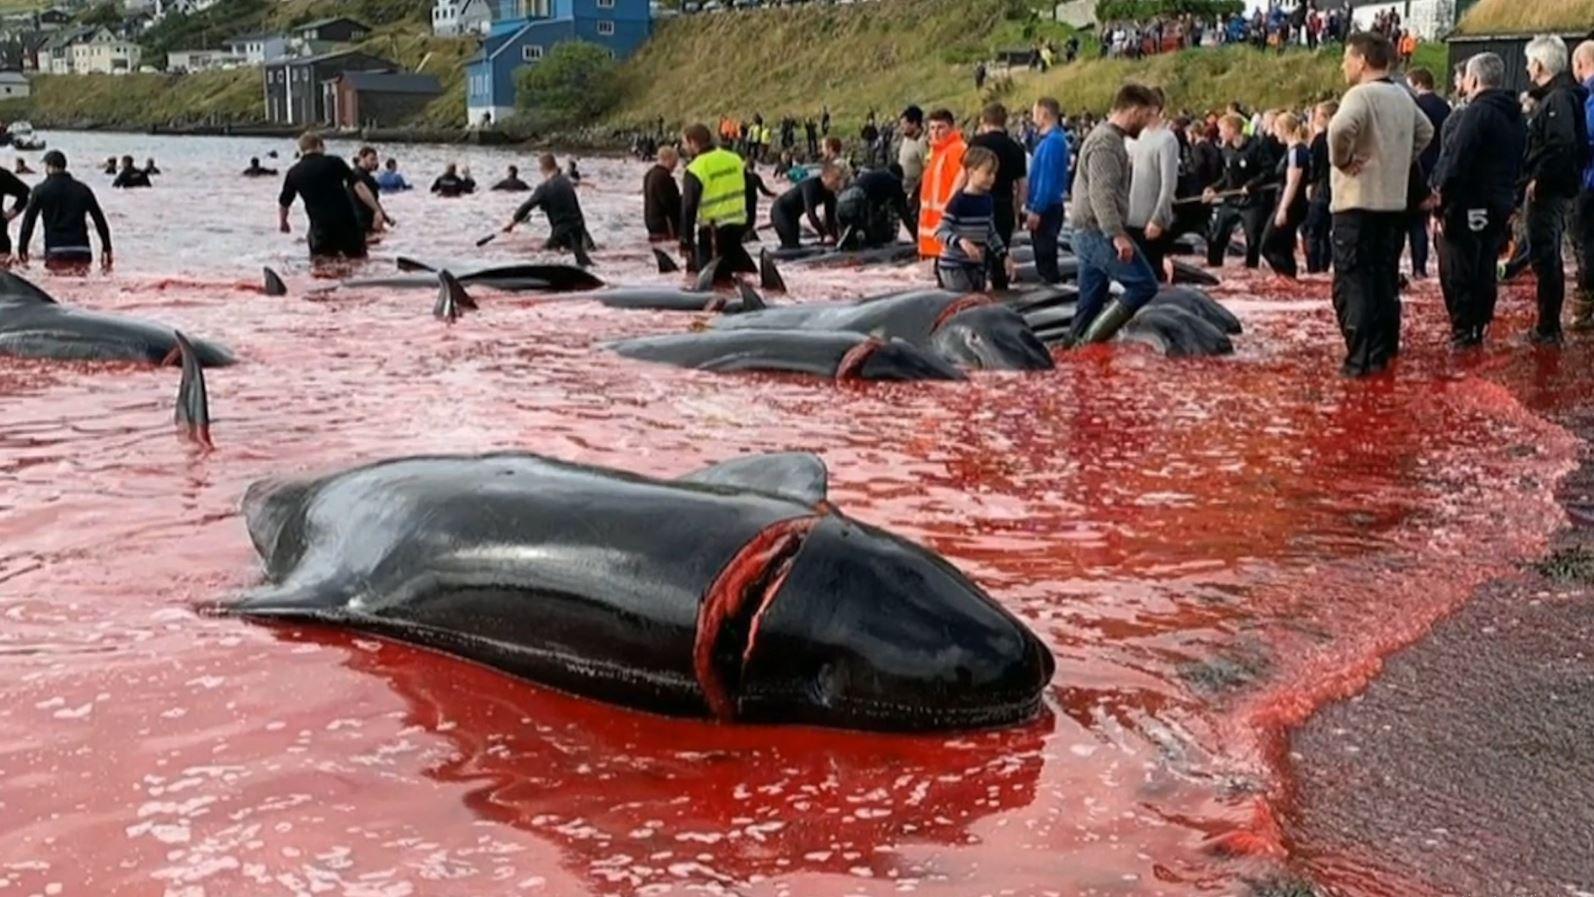 Vriten rreth 100 balena në ishujt Faroe, publikohen pamjet e masakrës